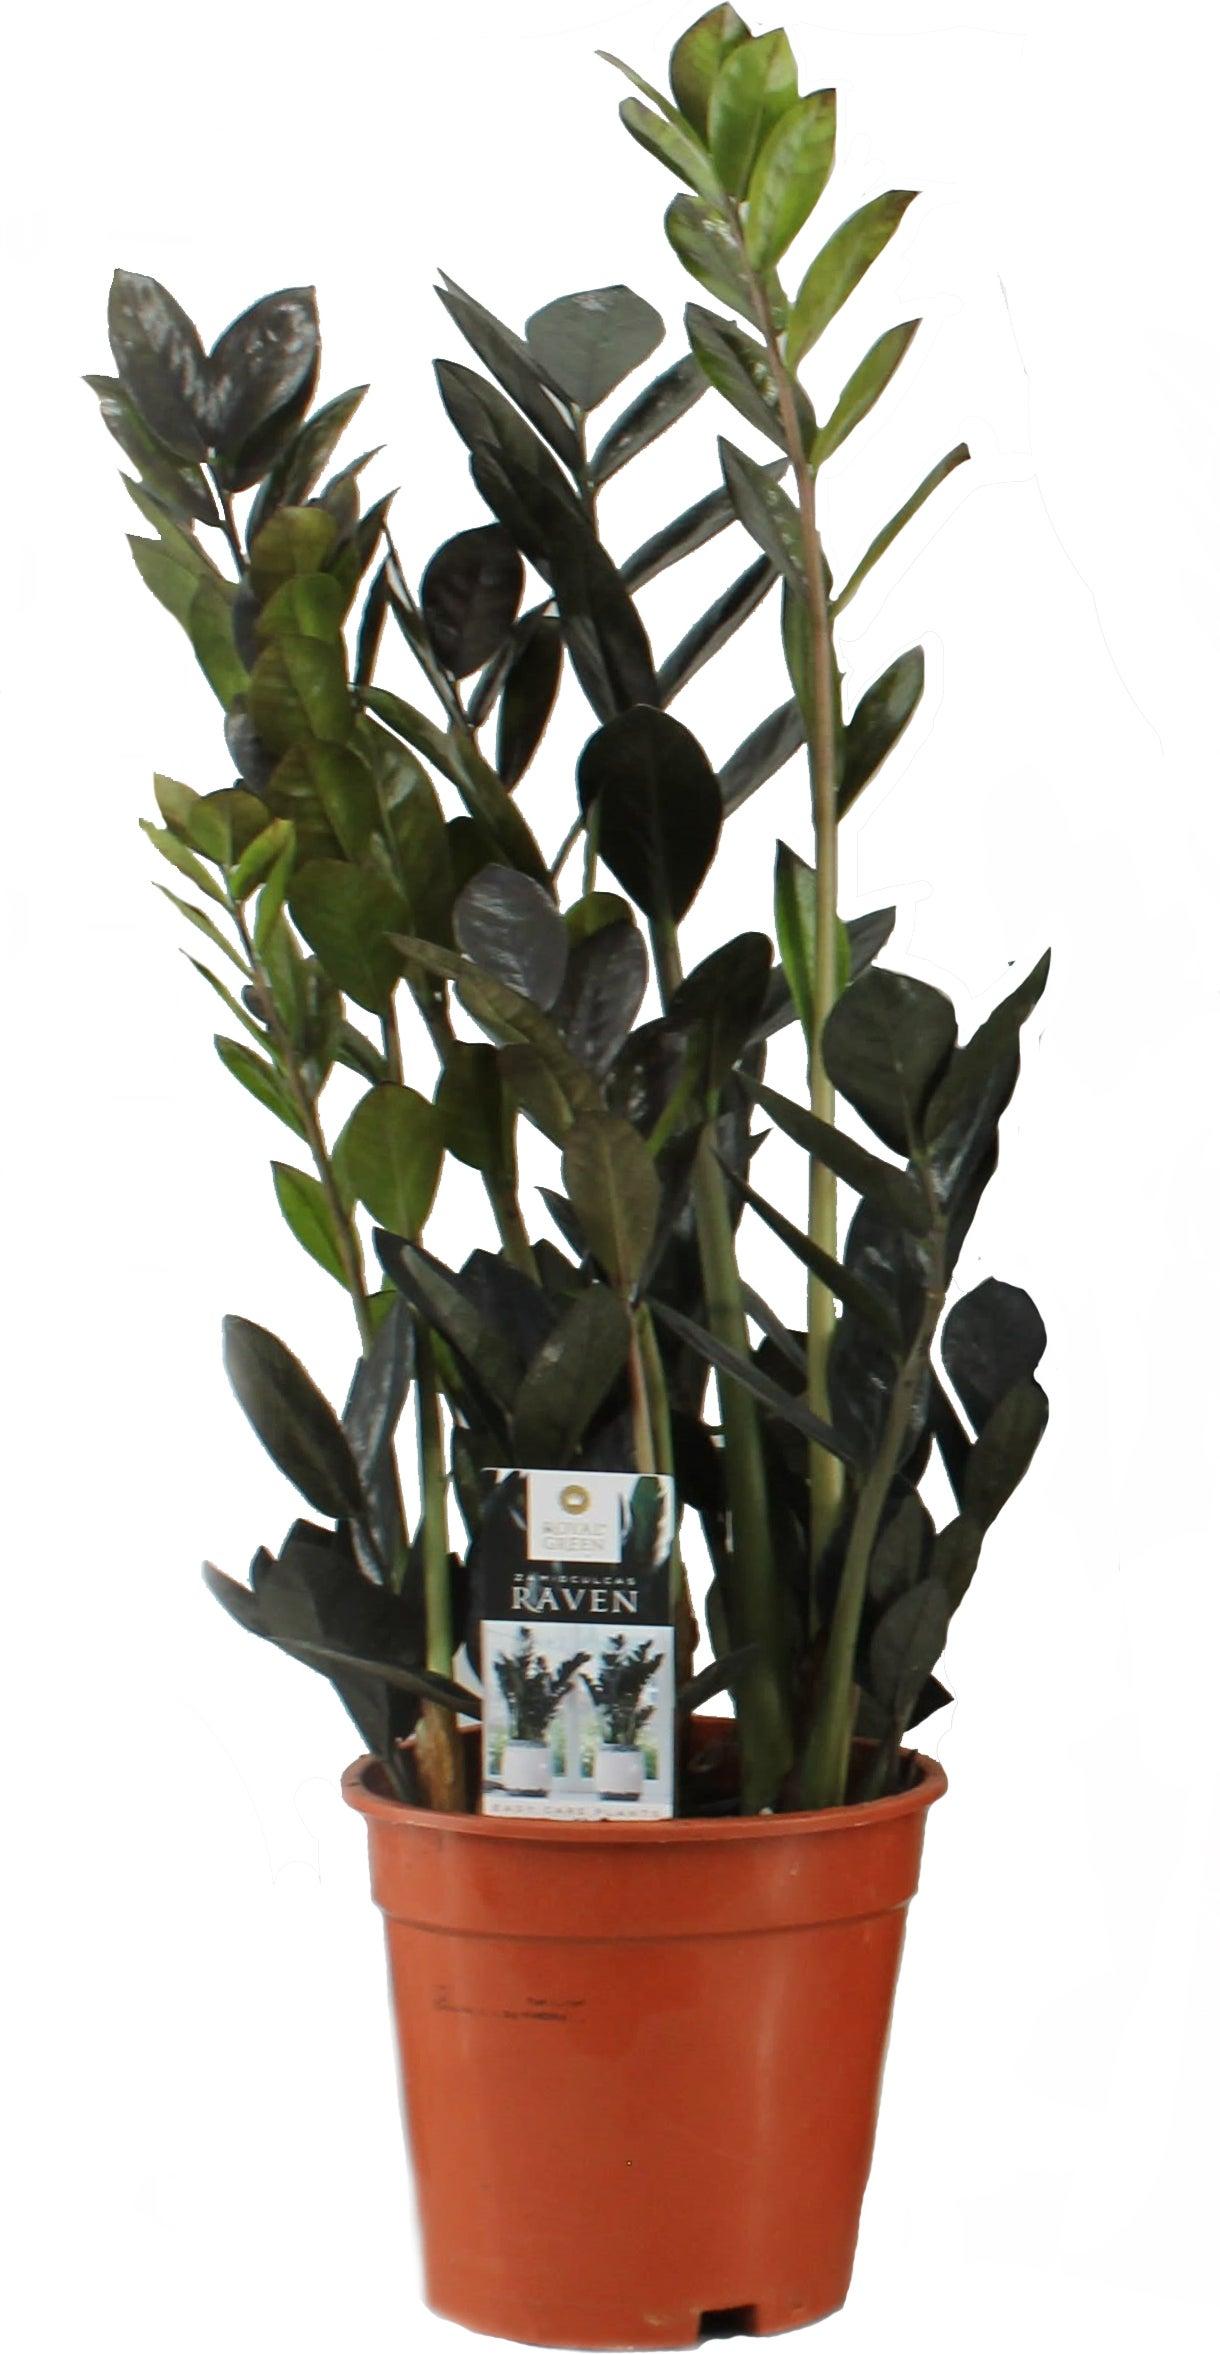 Zwarte Zamioculcas (Zamioculcas Raven) D 17 H  cm